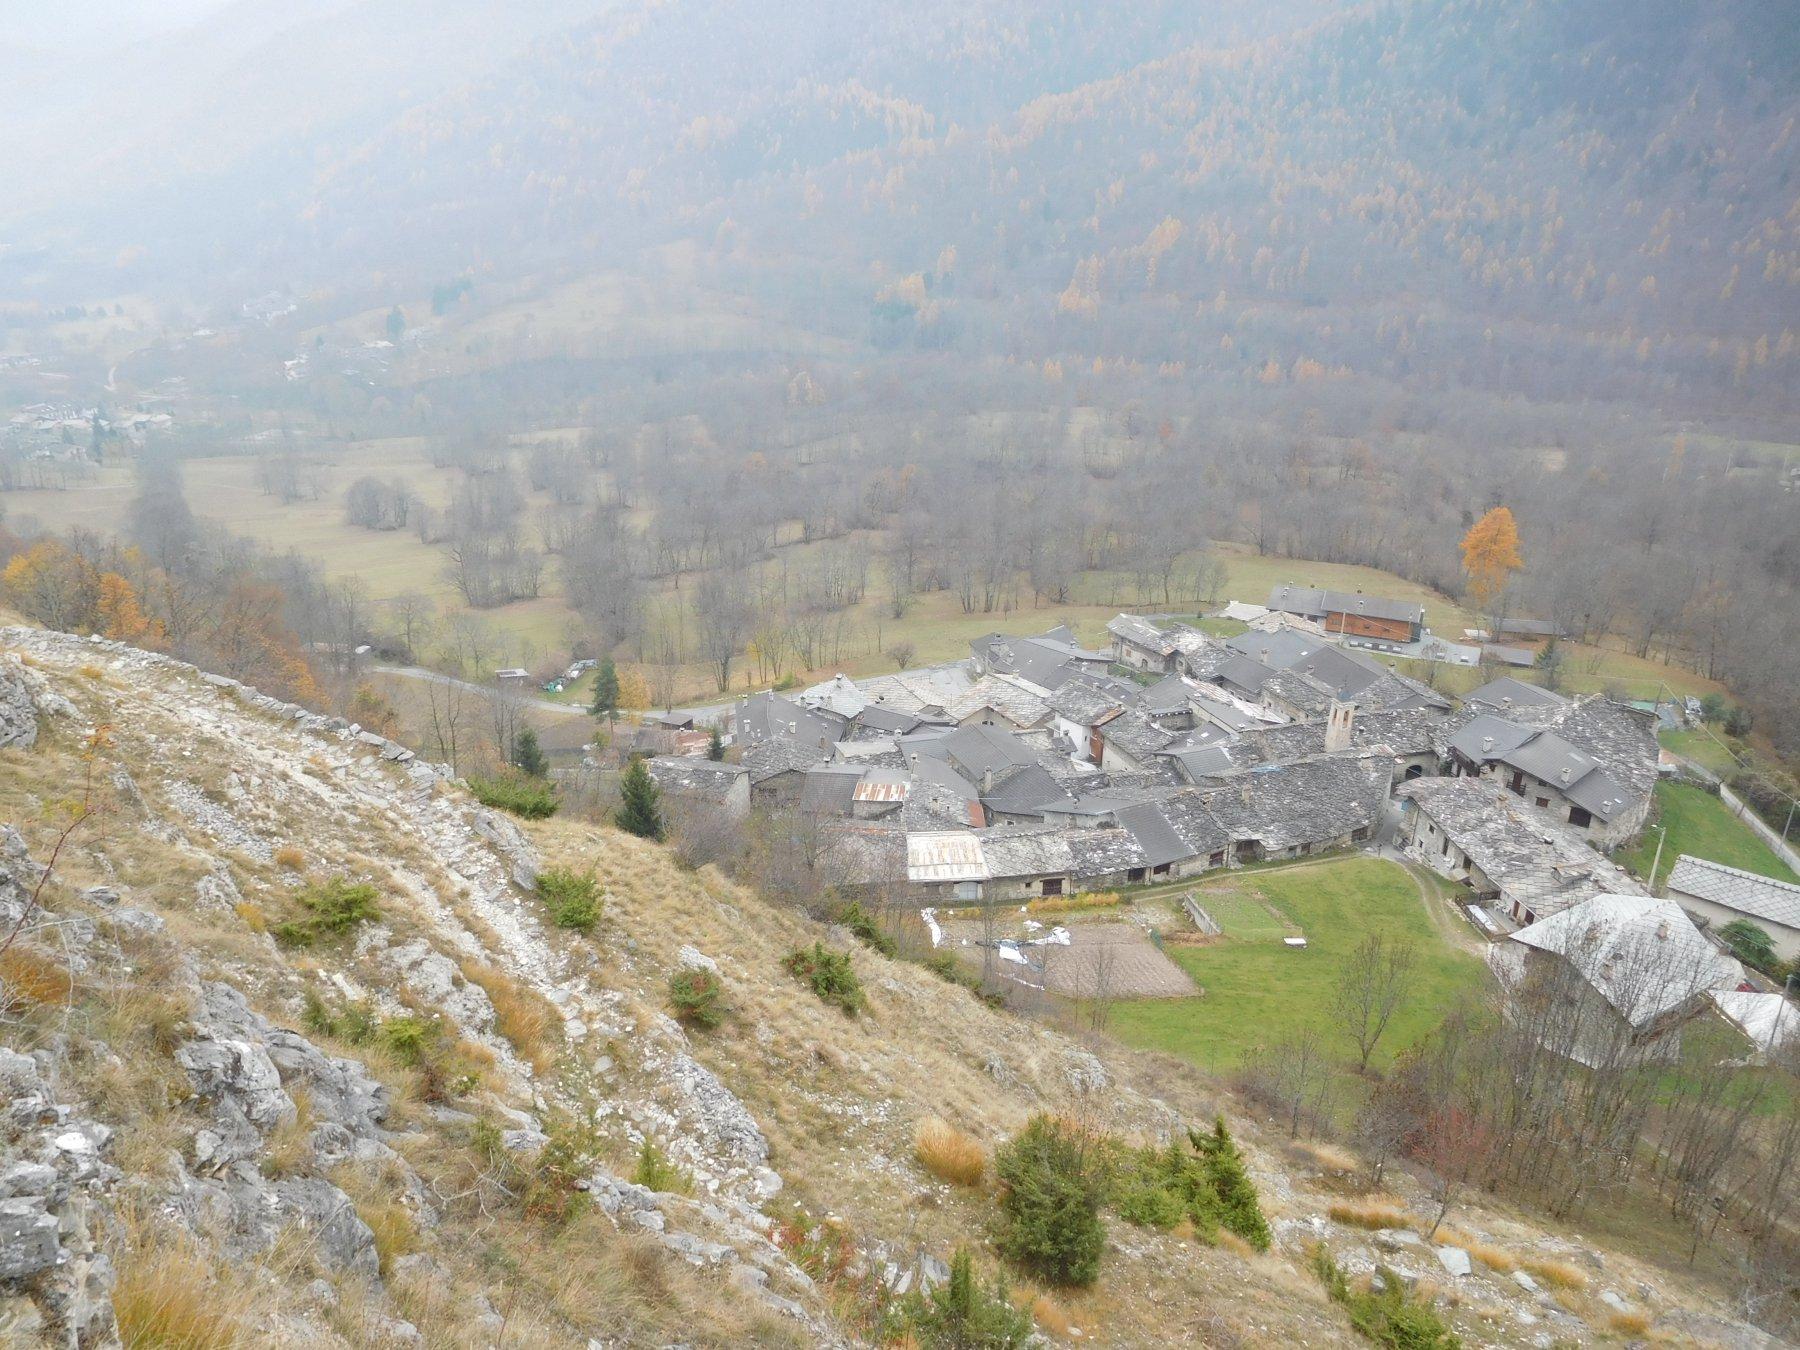 Villaretto